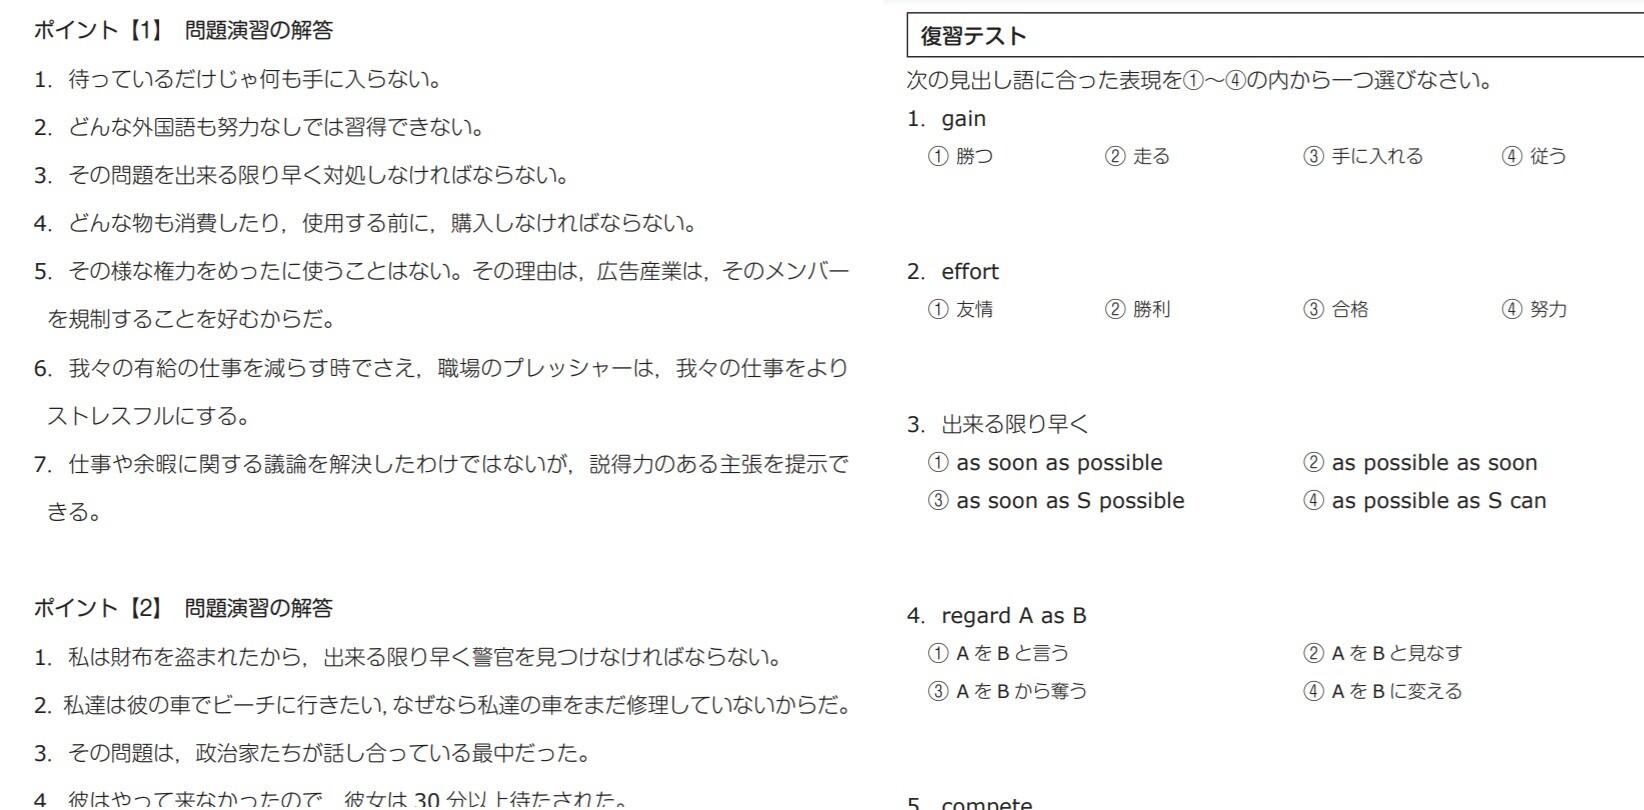 高1・高2ハイレベル英語の問題演習の解答と復習テスト